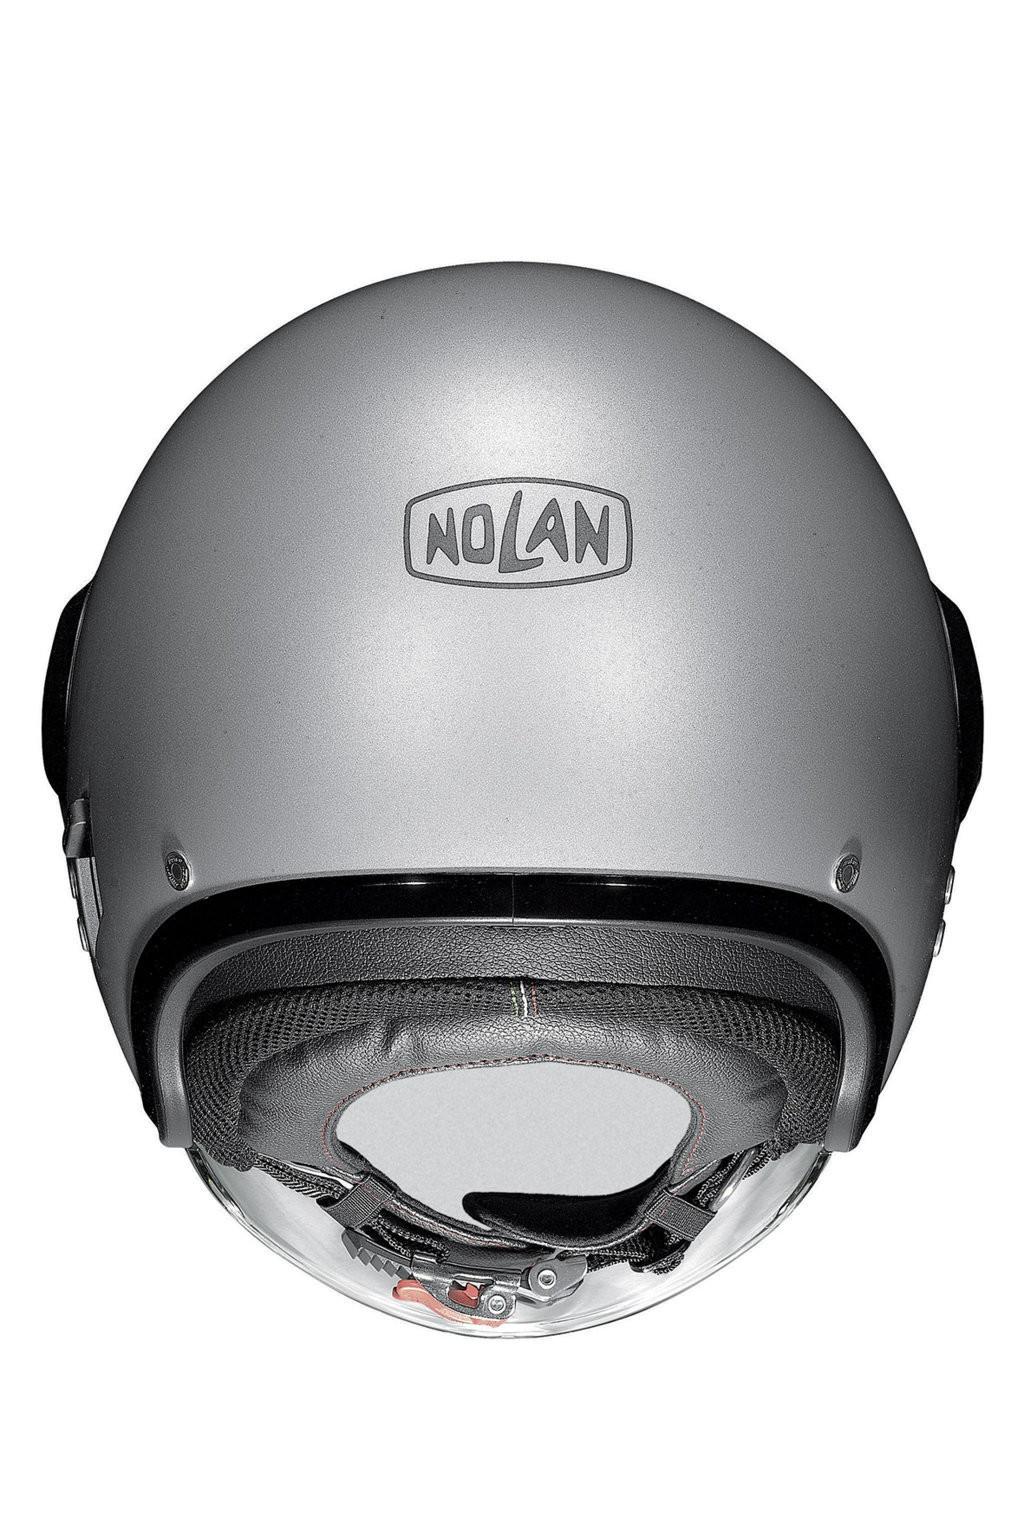 da699dc1 Nolan N21 VISOR JOIE DE VIVRE jet helmet White Black